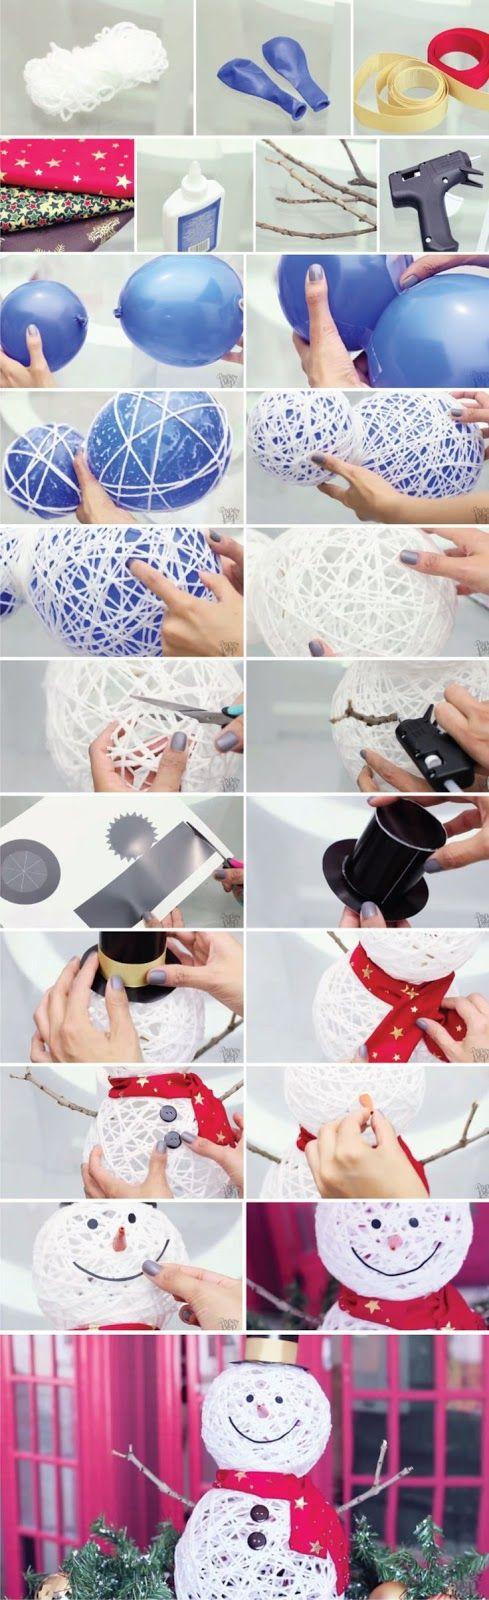 Cykl: Zrób to sam - sposób na Bałwanka - Studio Barw - świat wnętrz z dziecięcych snów